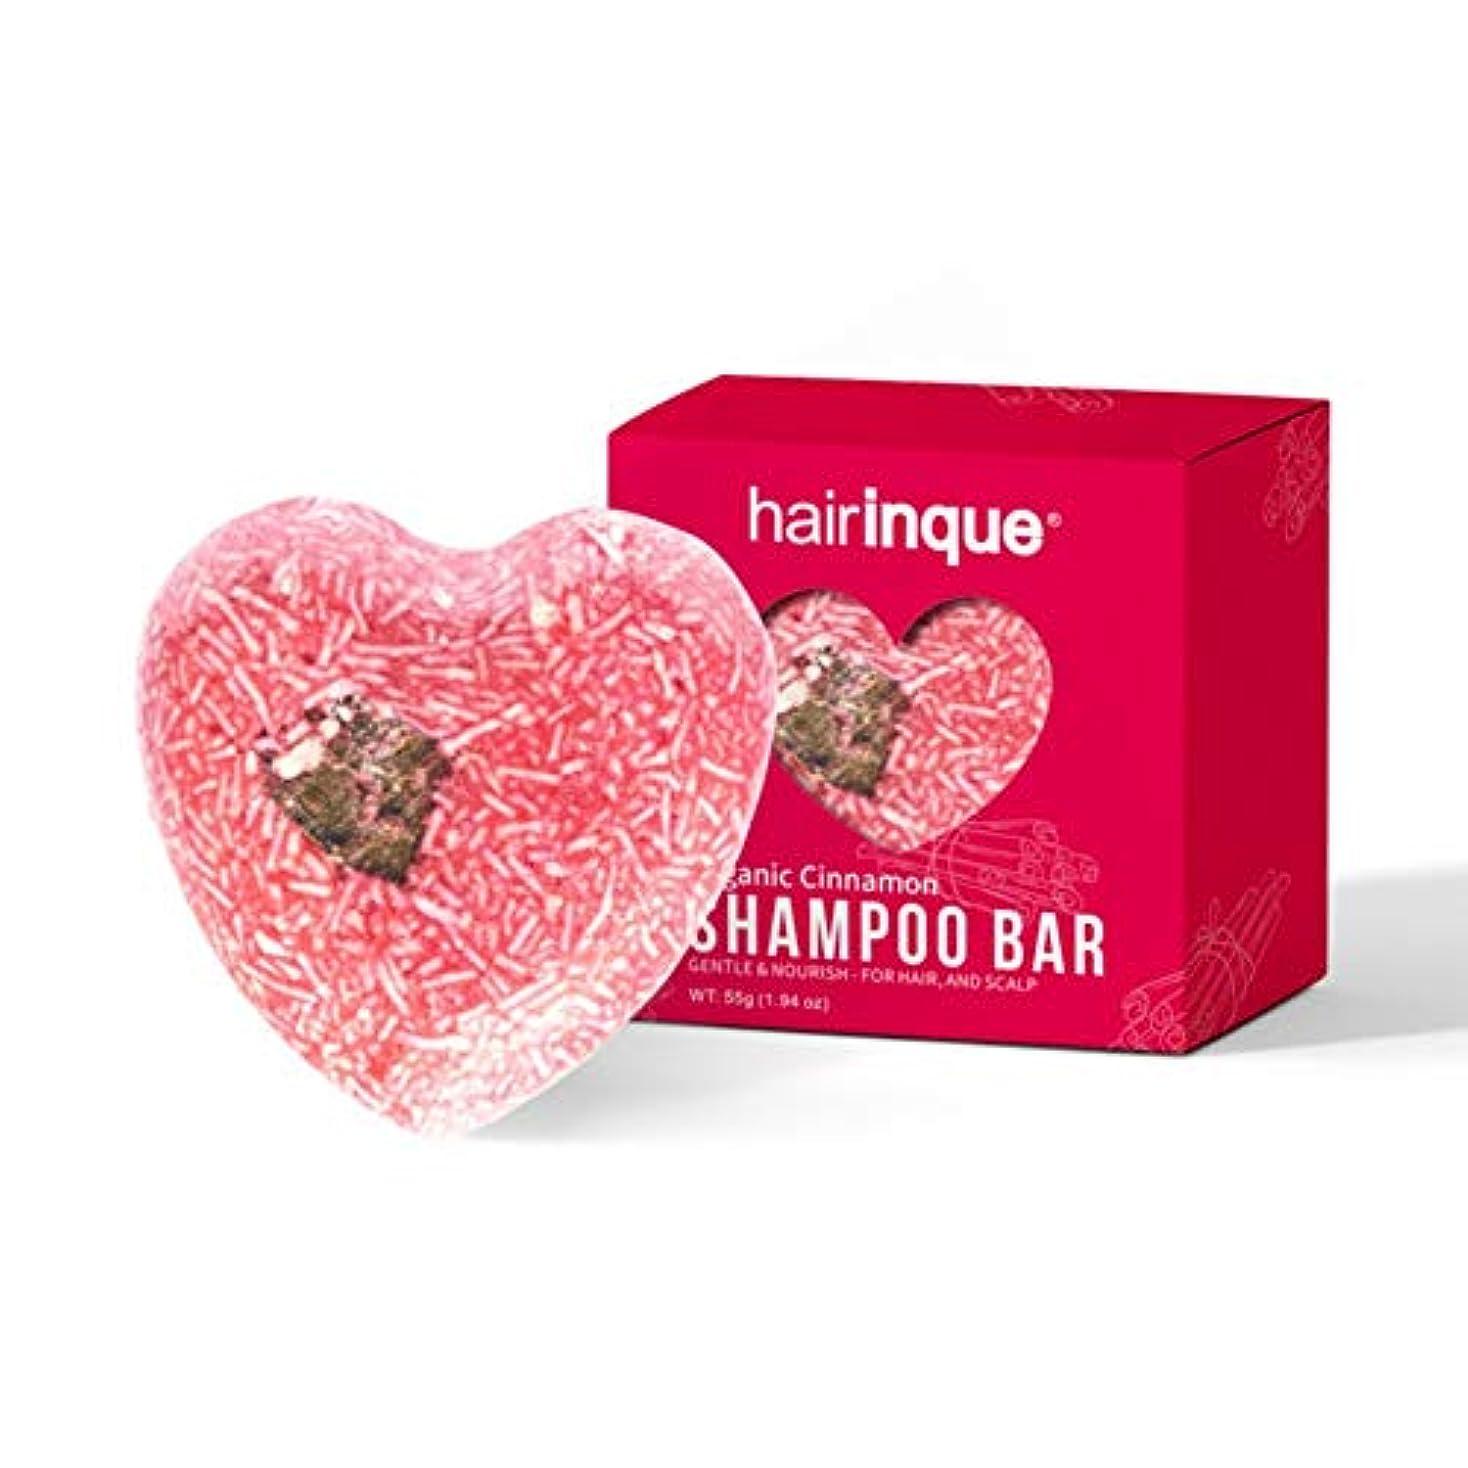 下向き冷笑するタンクシャンプー シャンプー石鹸 栄養 脱毛 シャンプーソープ 天然成分 化学薬品防腐剤なし シャンプーソープ ヘアケア Cutelove